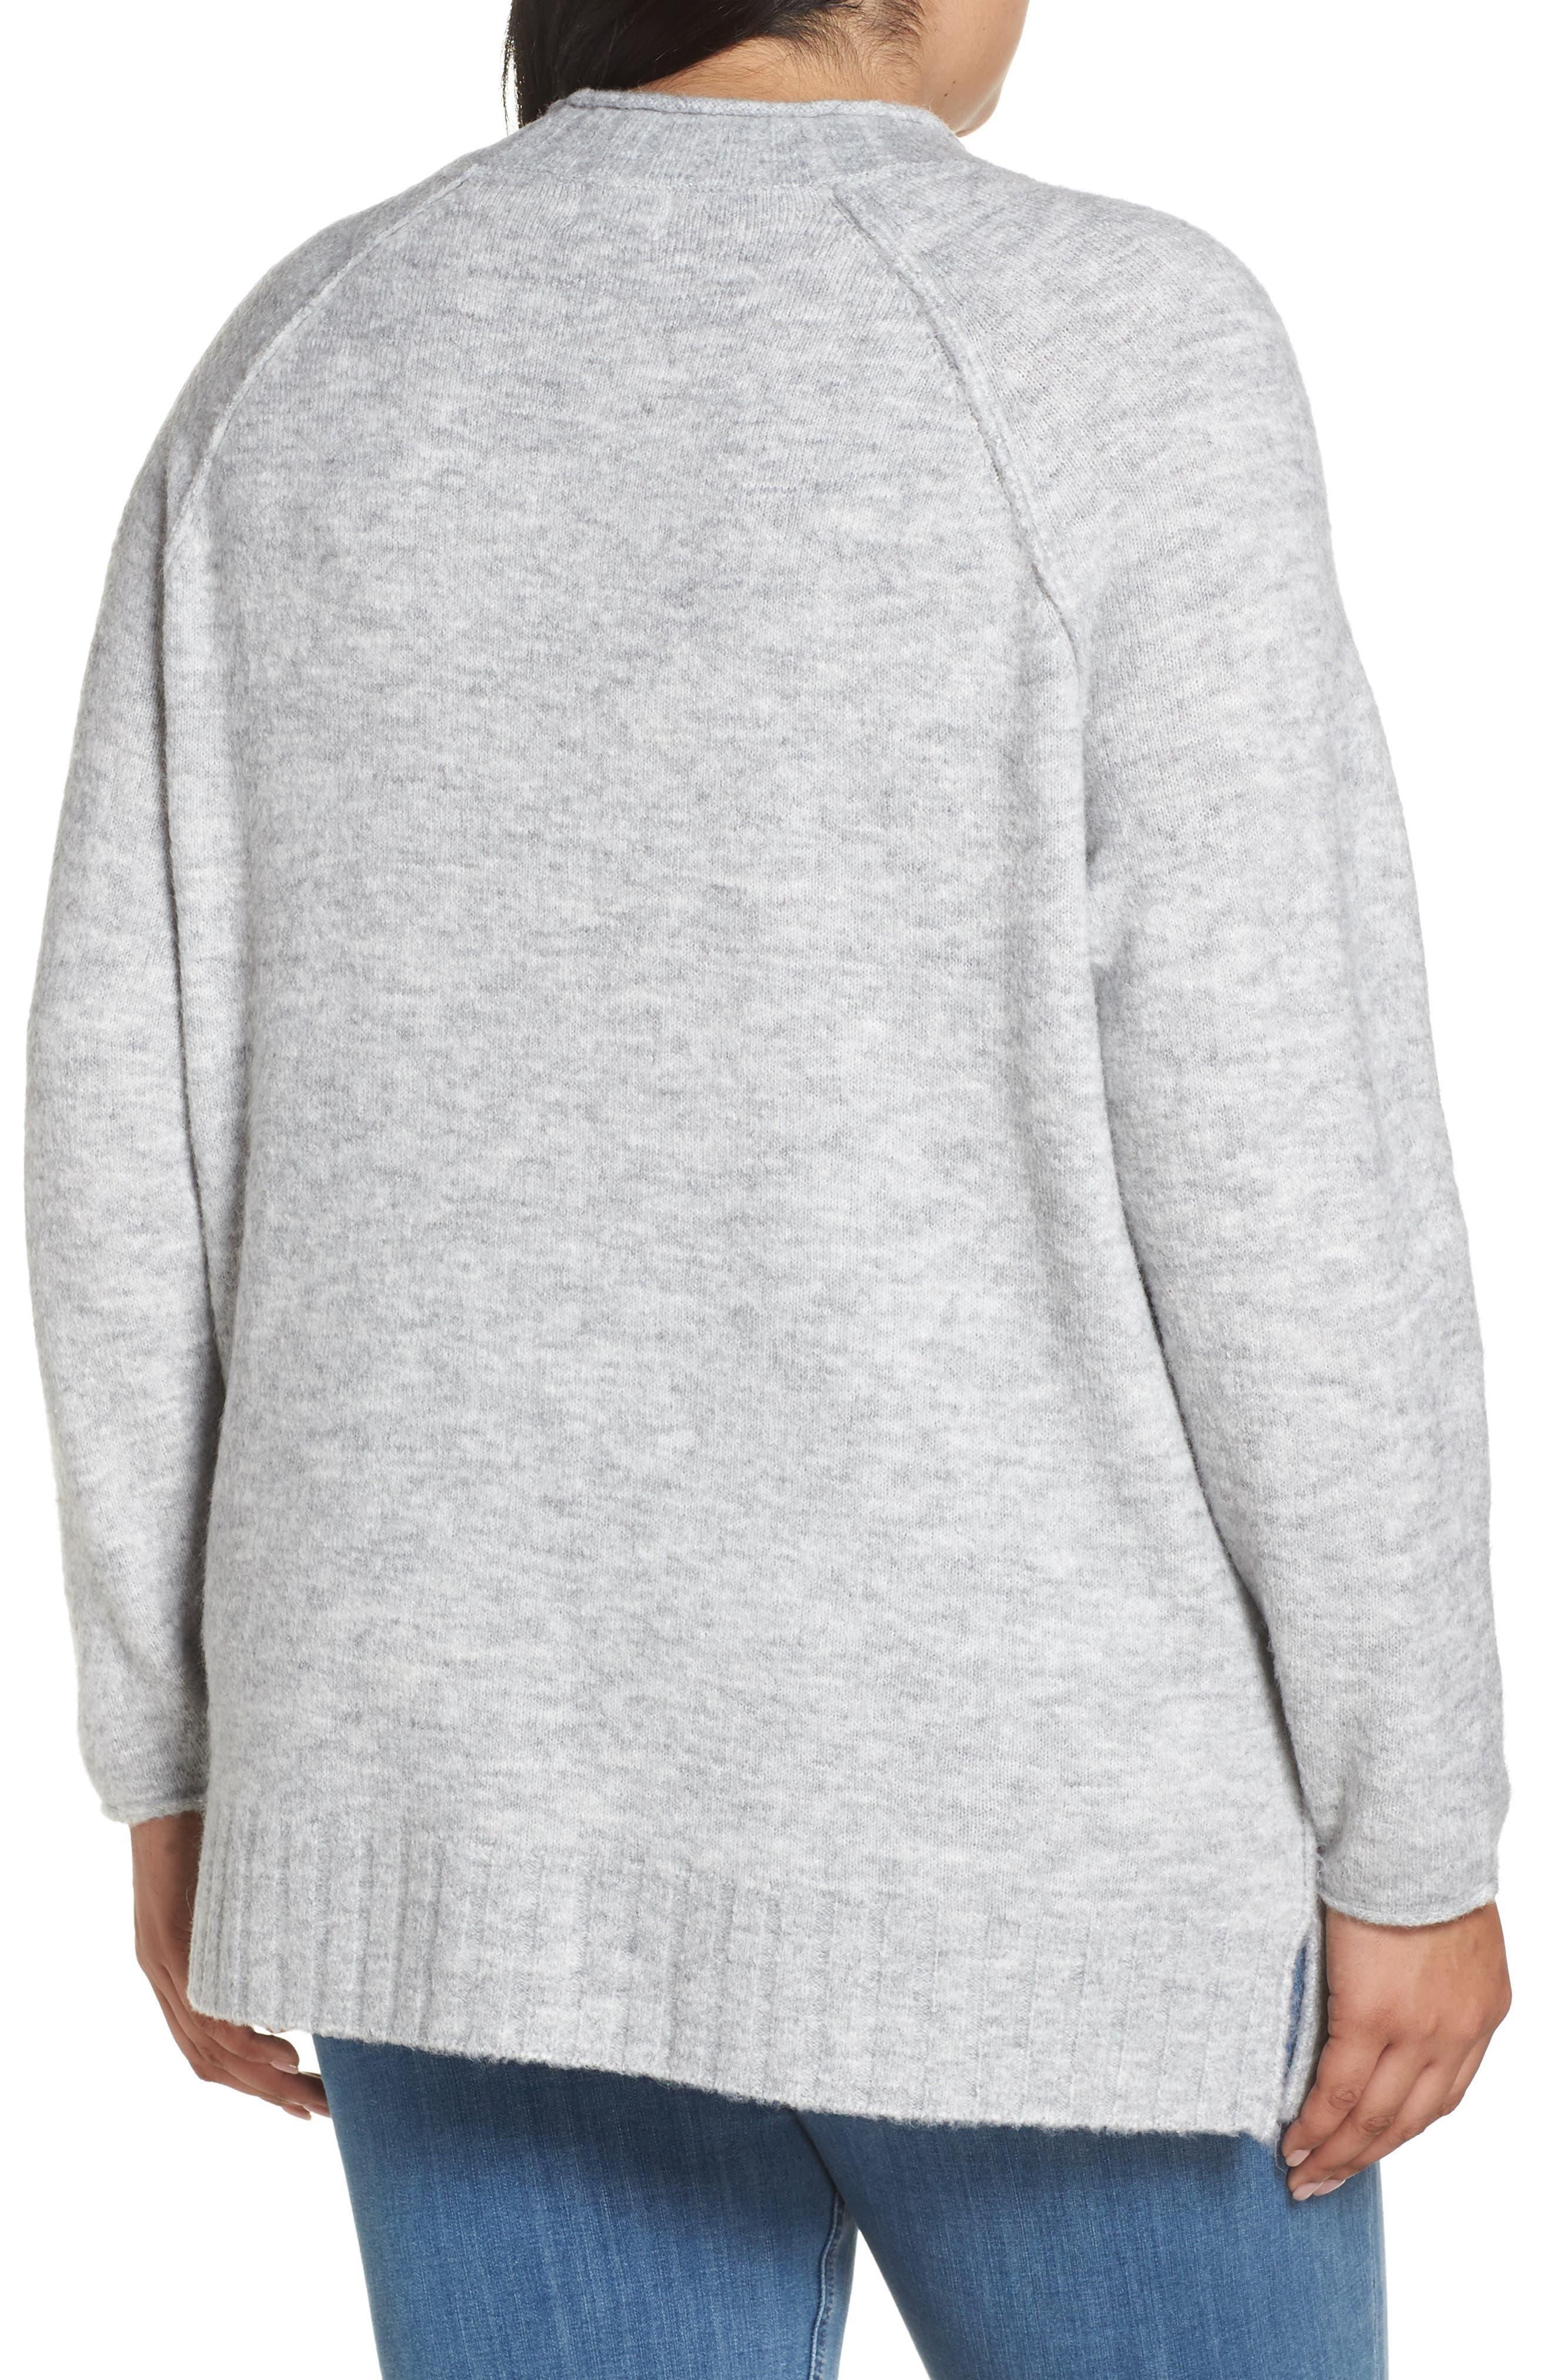 CASLON<SUP>®</SUP>, Cozy Crewneck Sweater, Alternate thumbnail 2, color, 030